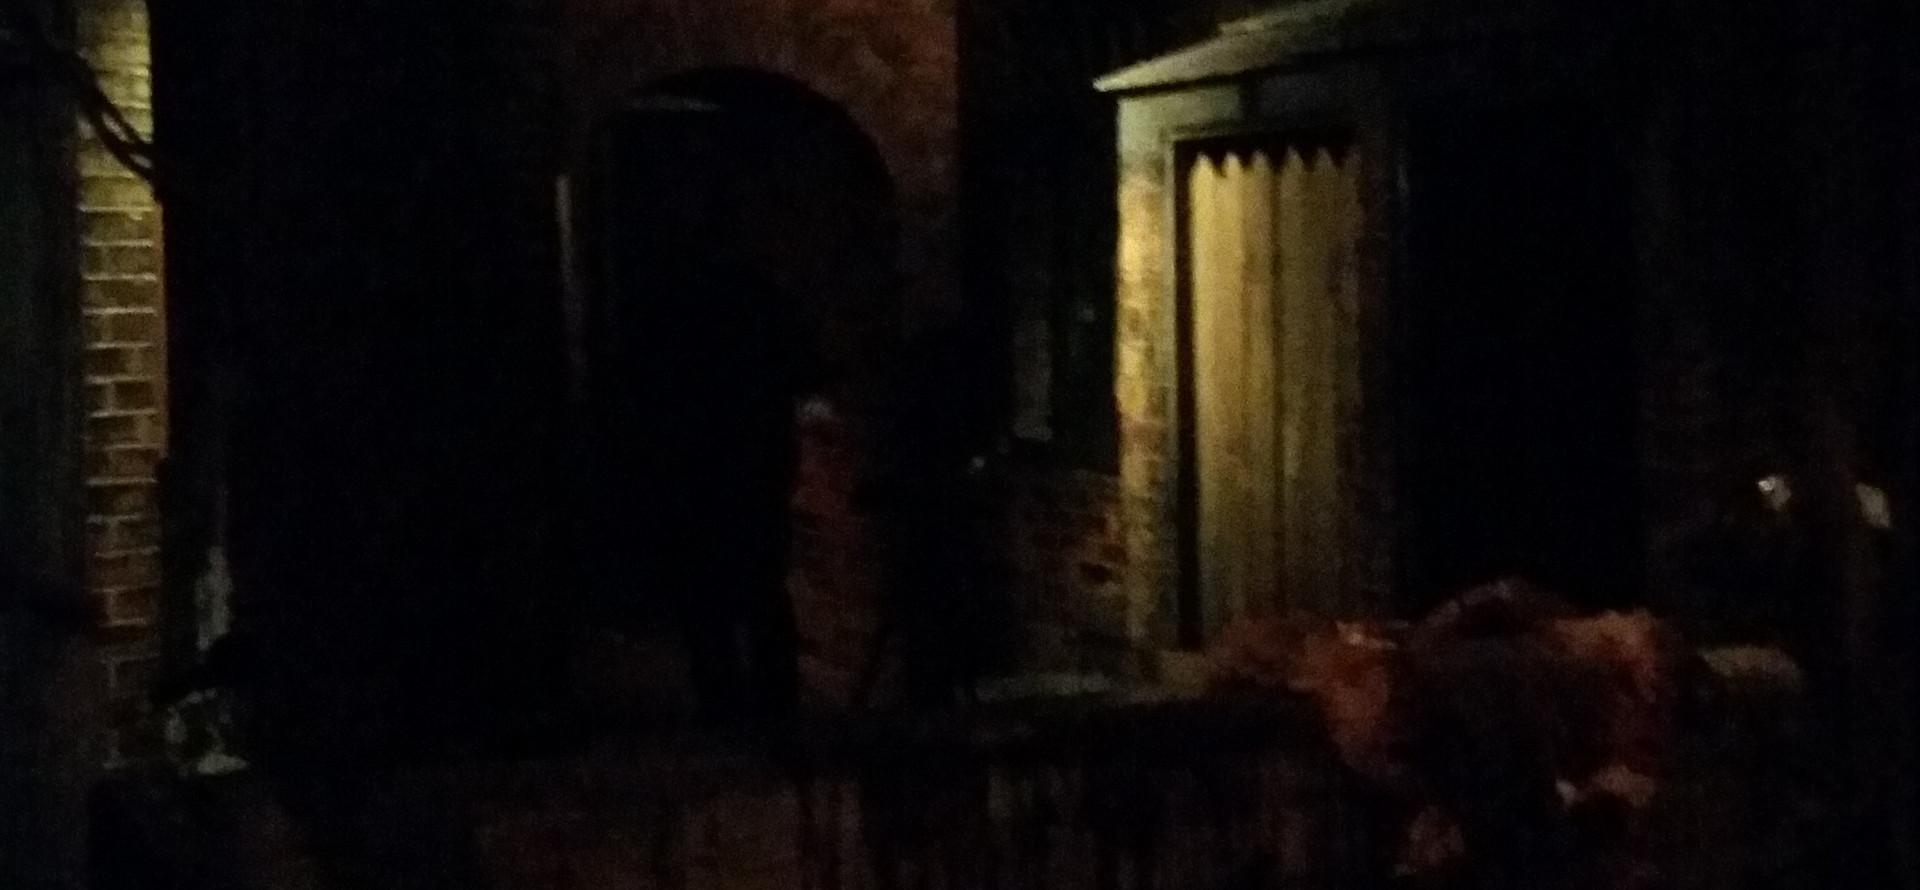 Alley Man image 1 (original)